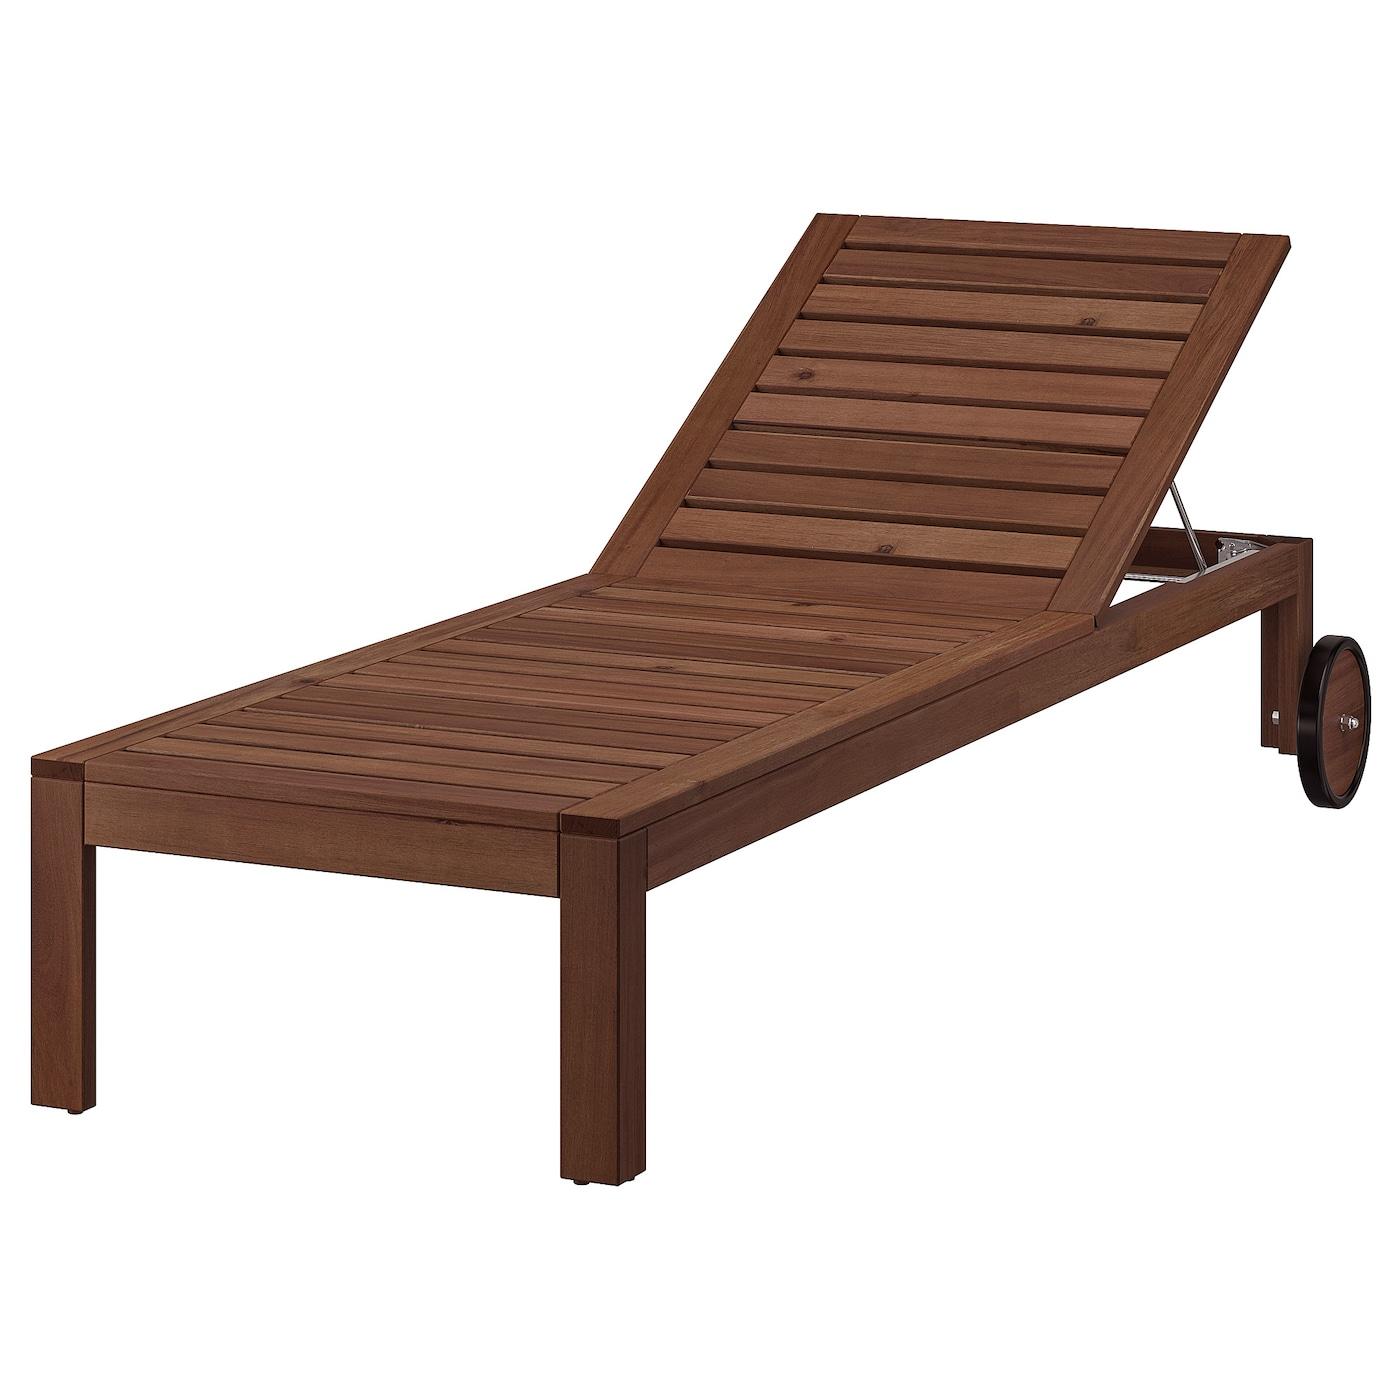 Full Size of Ikea Liegestuhl Pplar Sonnenliege Braun Las Schweiz Küche Kosten Modulküche Garten Betten 160x200 Sofa Mit Schlaffunktion Miniküche Bei Kaufen Wohnzimmer Ikea Liegestuhl